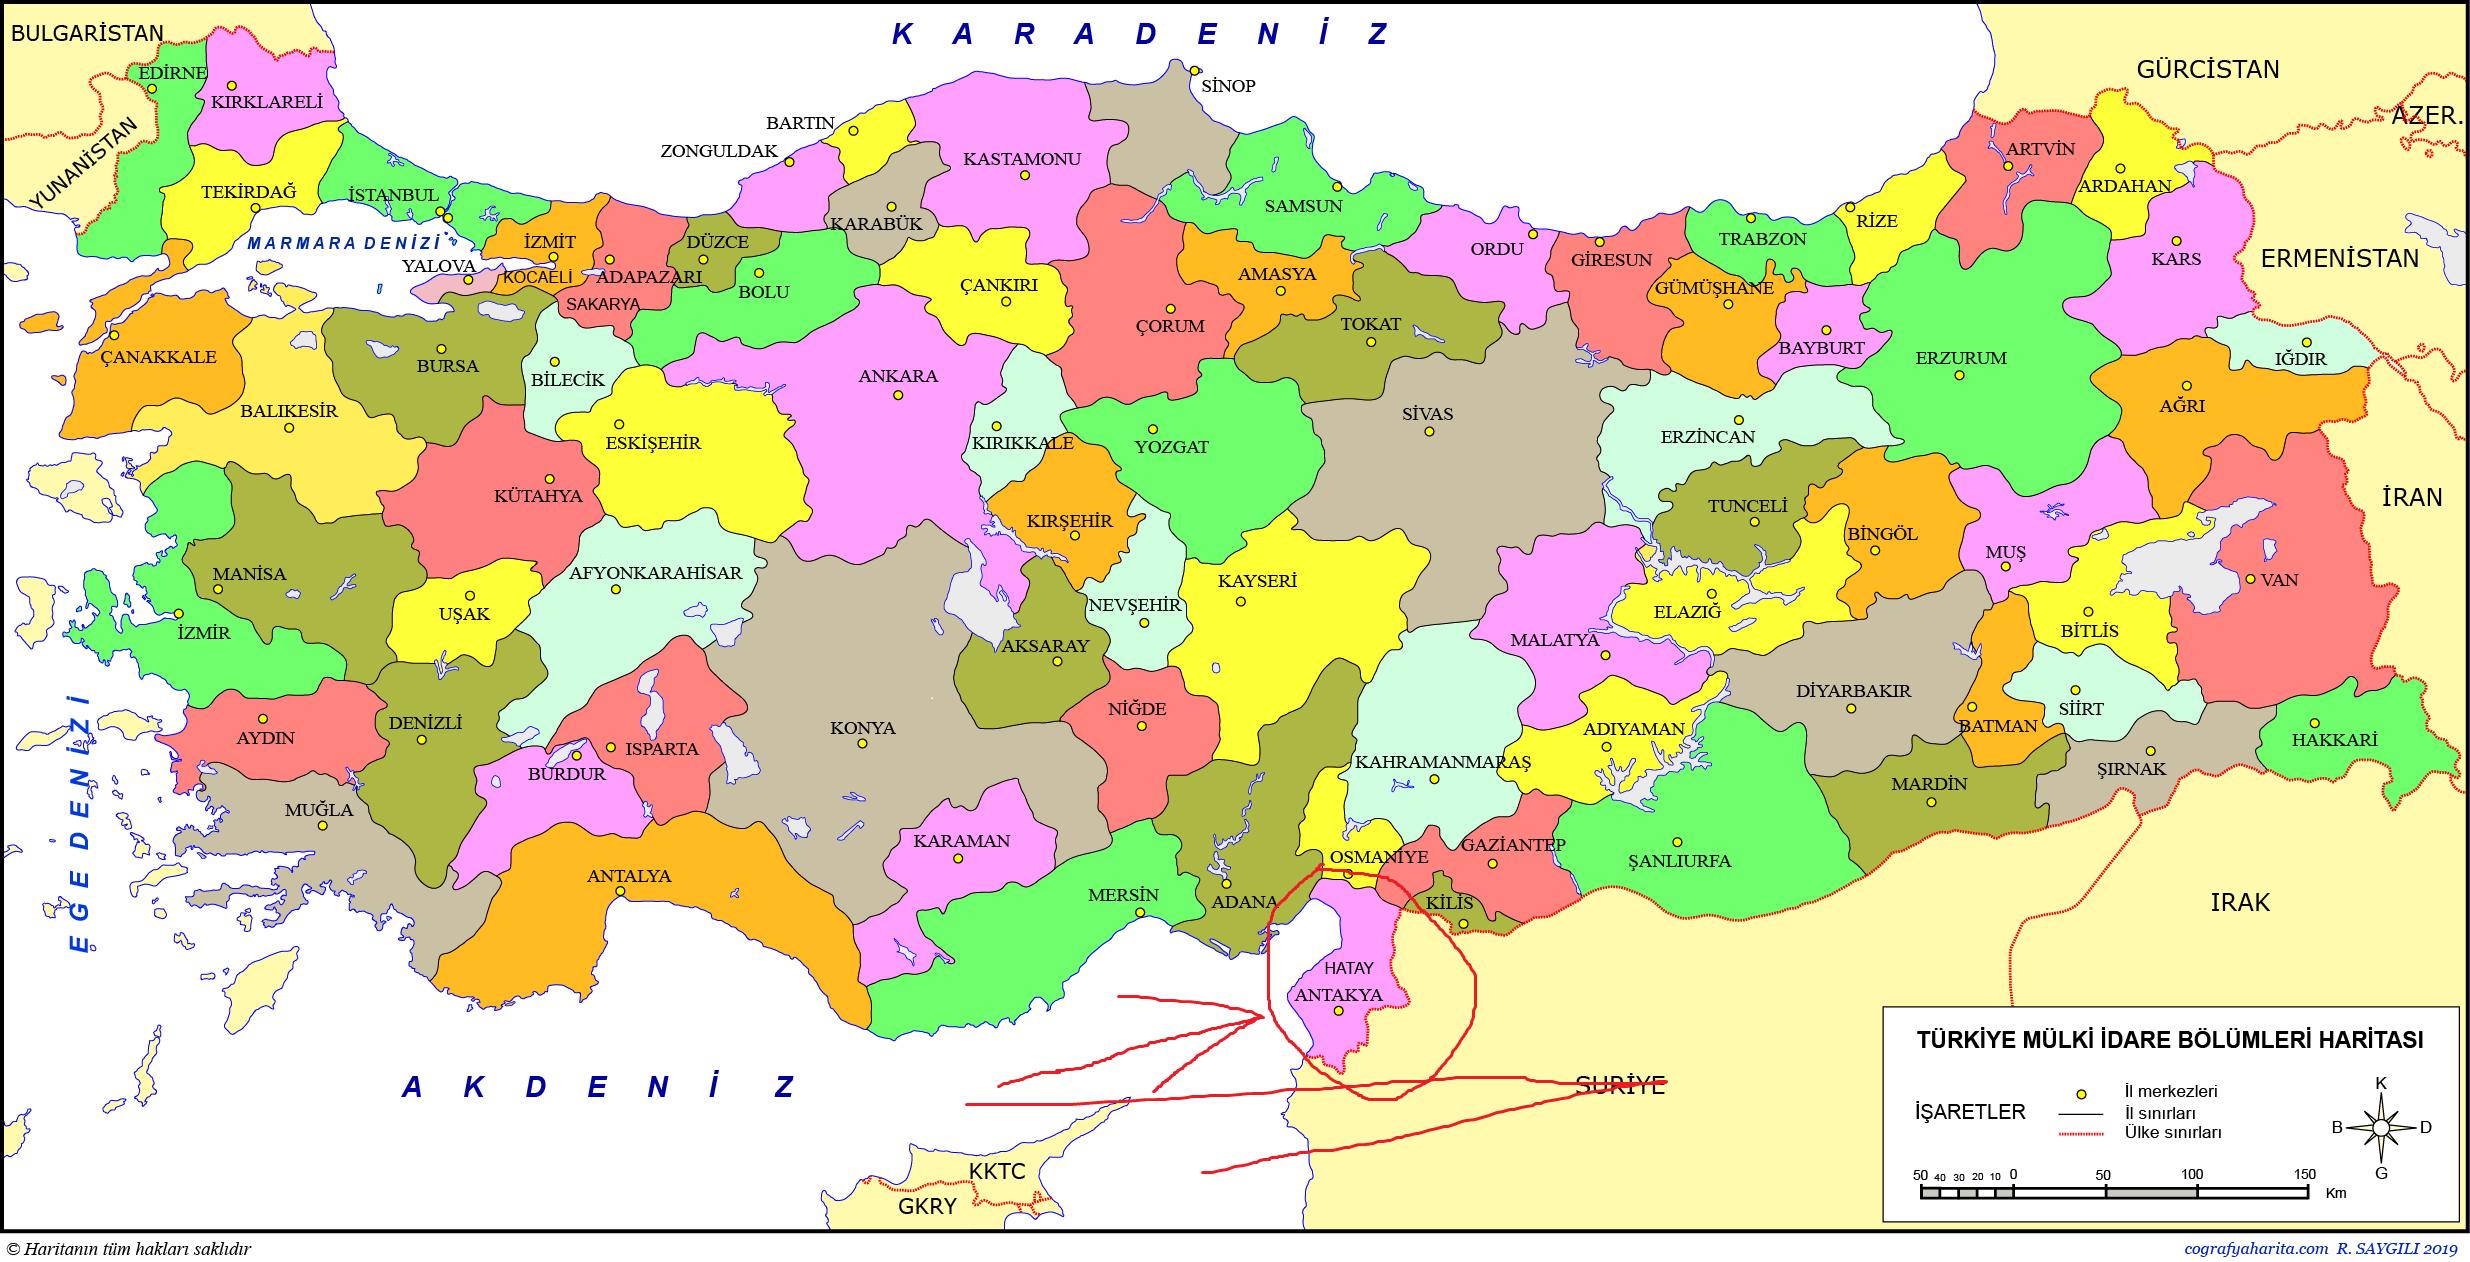 türkiye mülki idari sistemler haritası